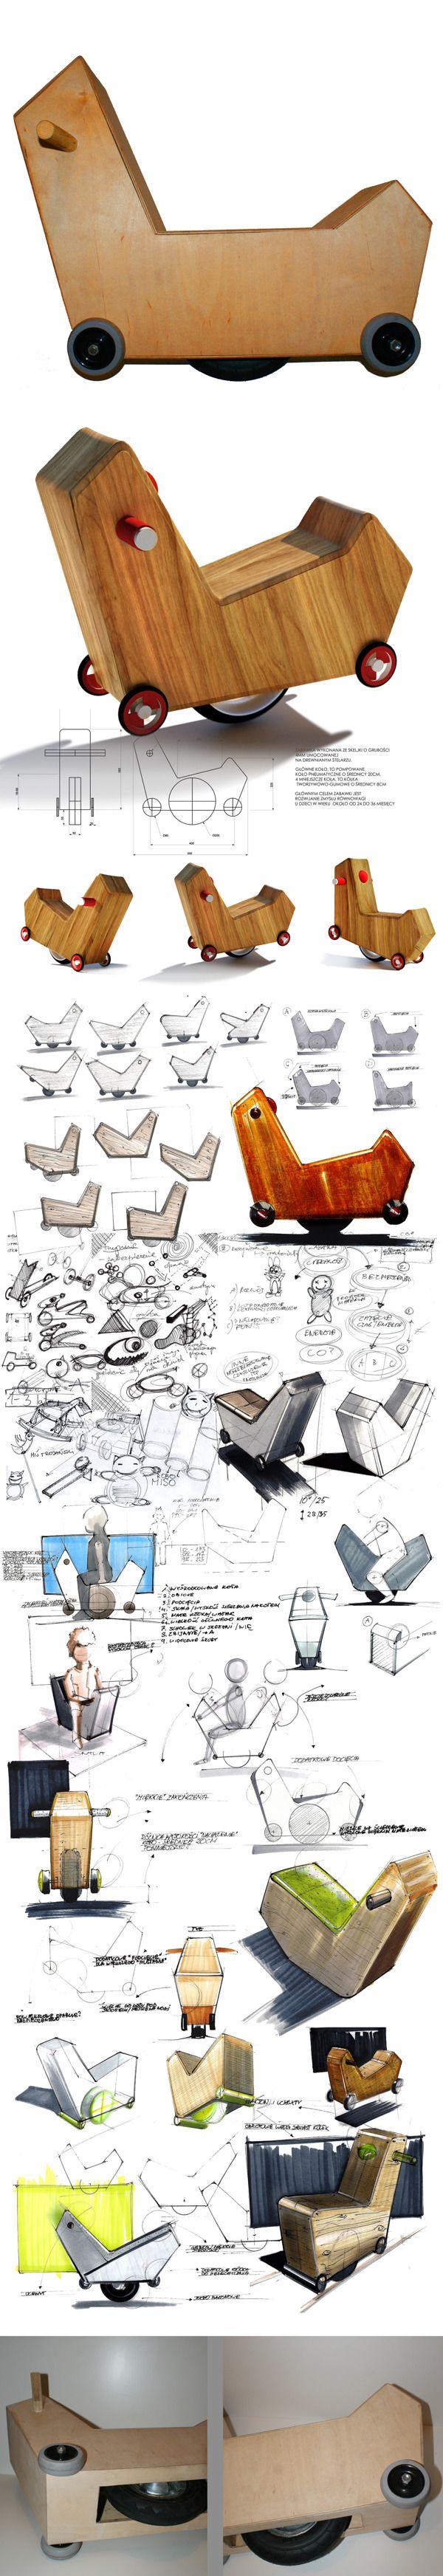 old projects by Michał Markiewicz, via Behance